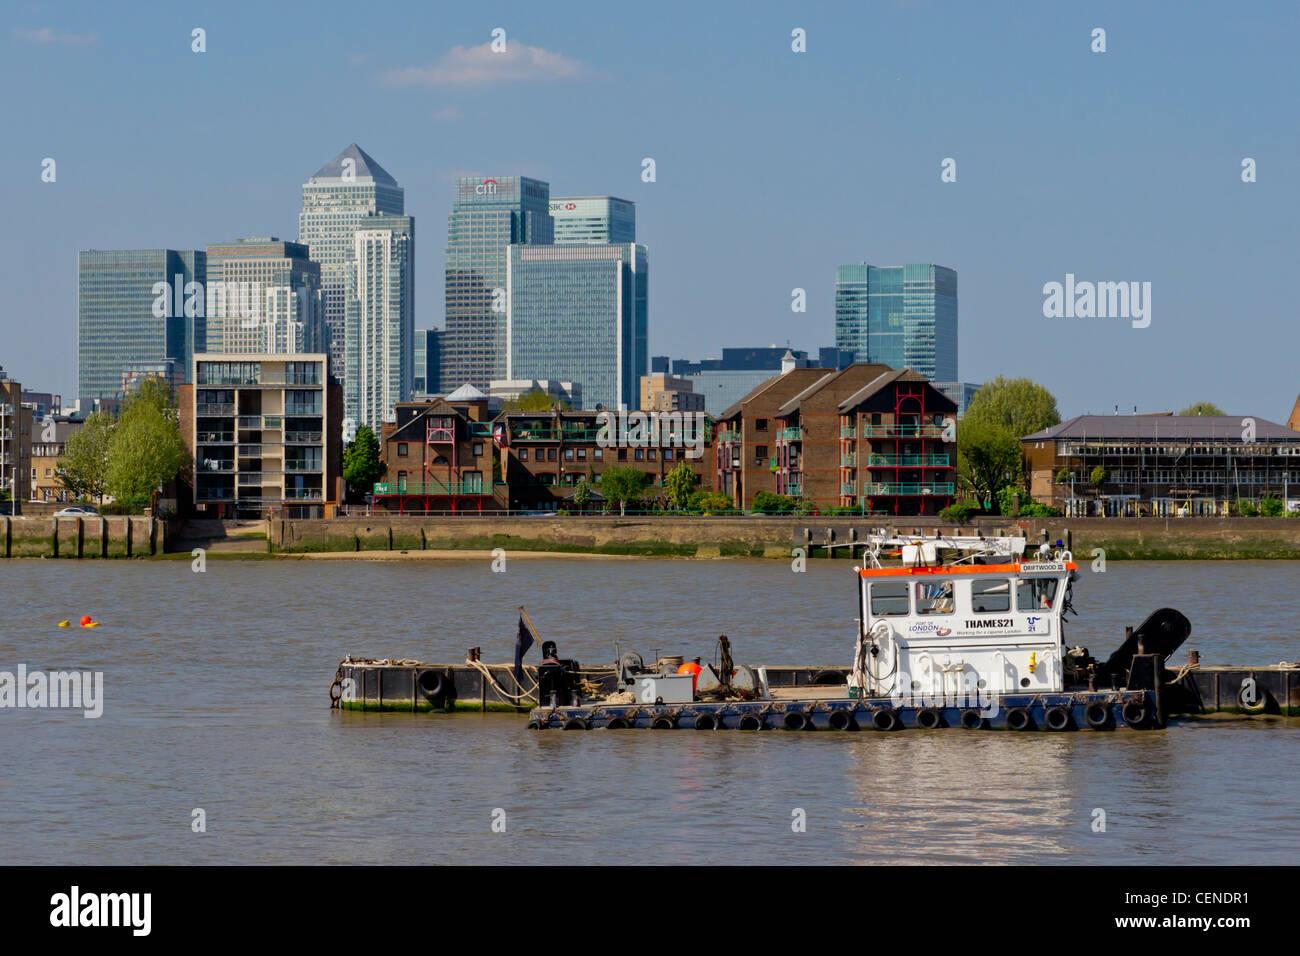 UK, England, London, Canary Wharf Isle of Dogs - Stock Image